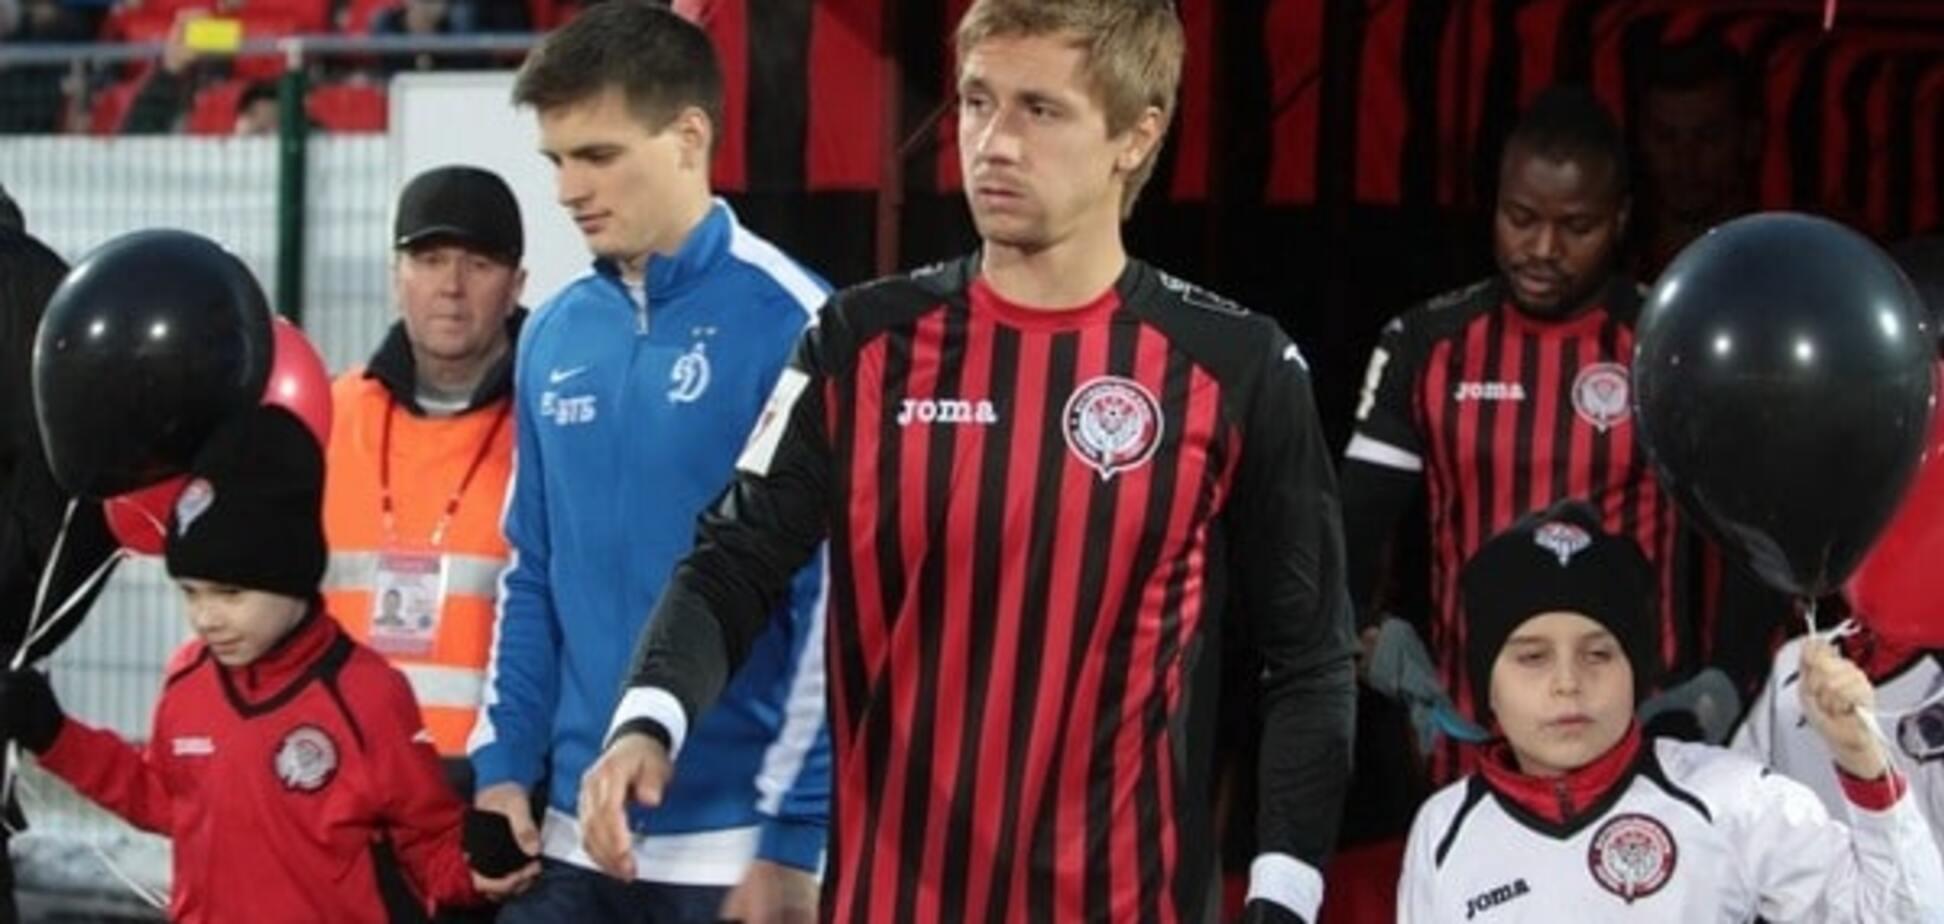 Богдан Бутко вызван в сборную Украины. Источник: fc-amkar.org